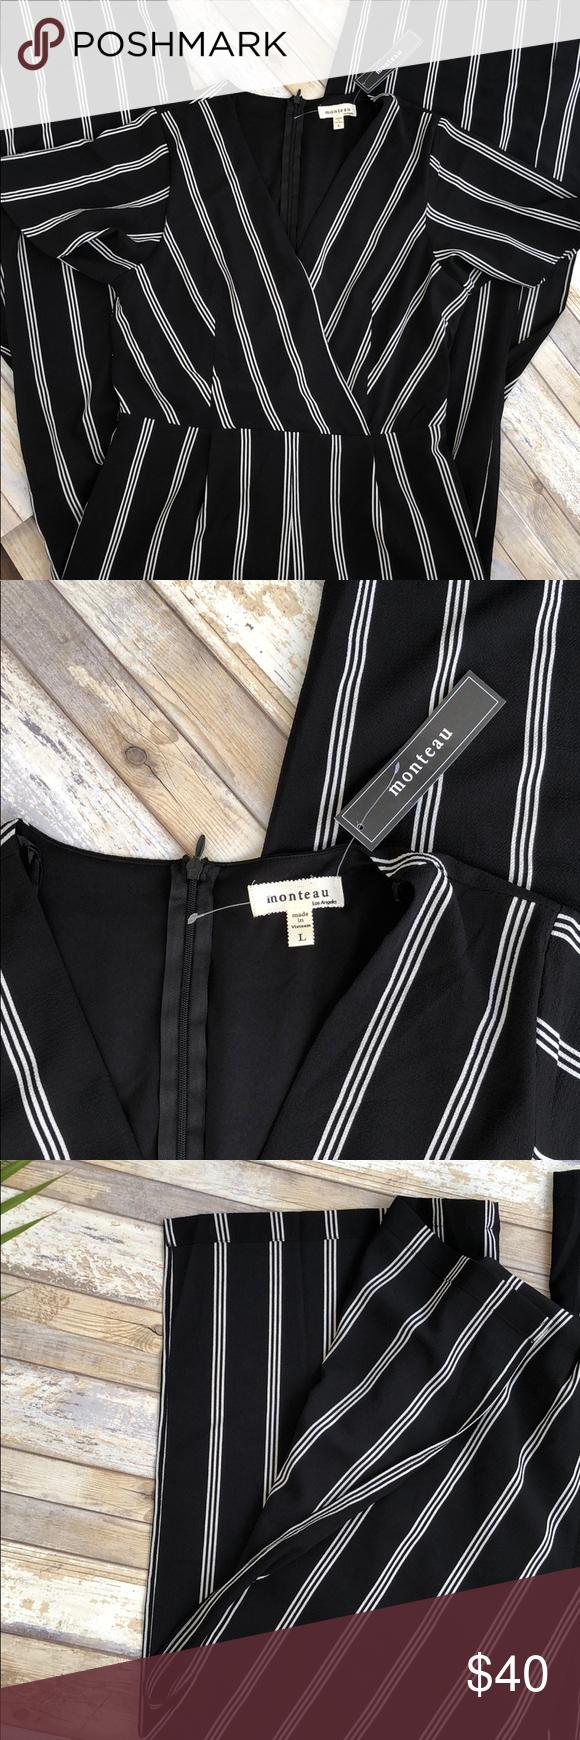 a18b29a8de01 Monteau Black   White Striped Jumpsuit NWT